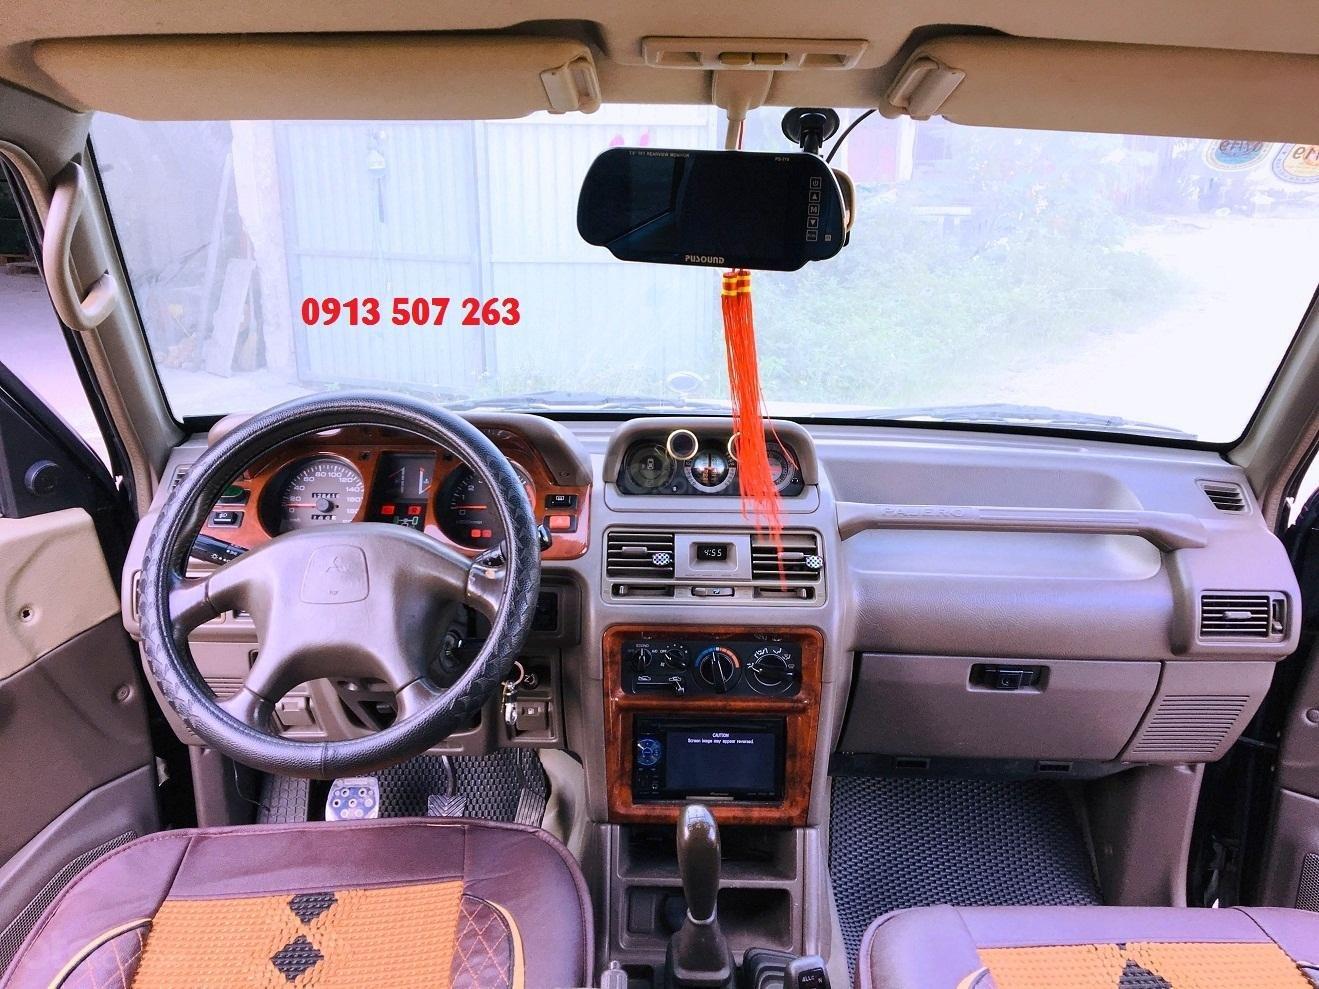 Bán xe ô tô Pajero Supreme V6 3.5 siêu chất (15)